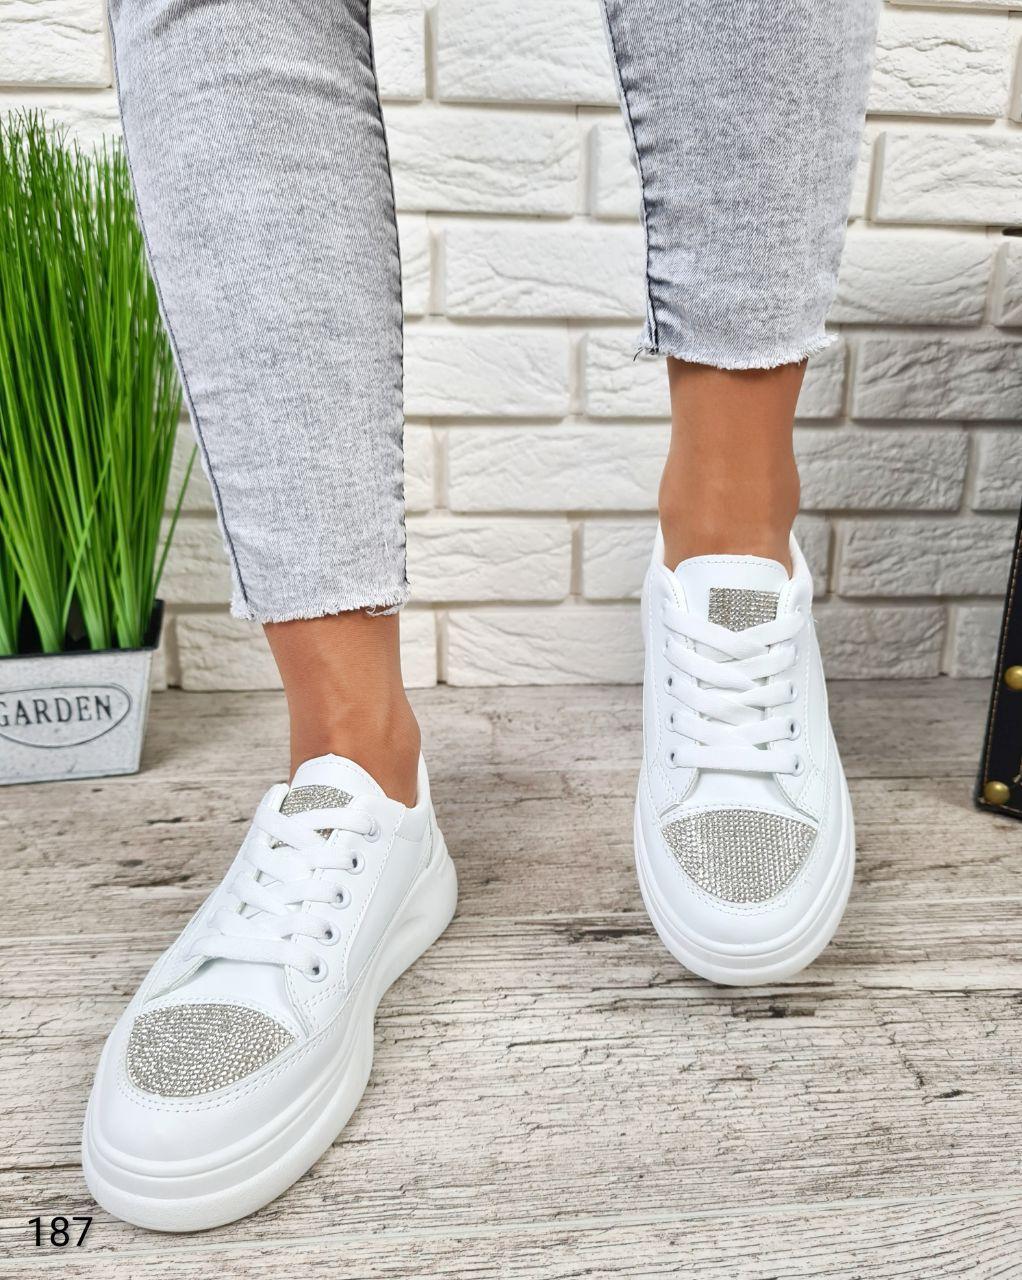 Классические женские кроссовки Alenka из эко кожи белого цвета